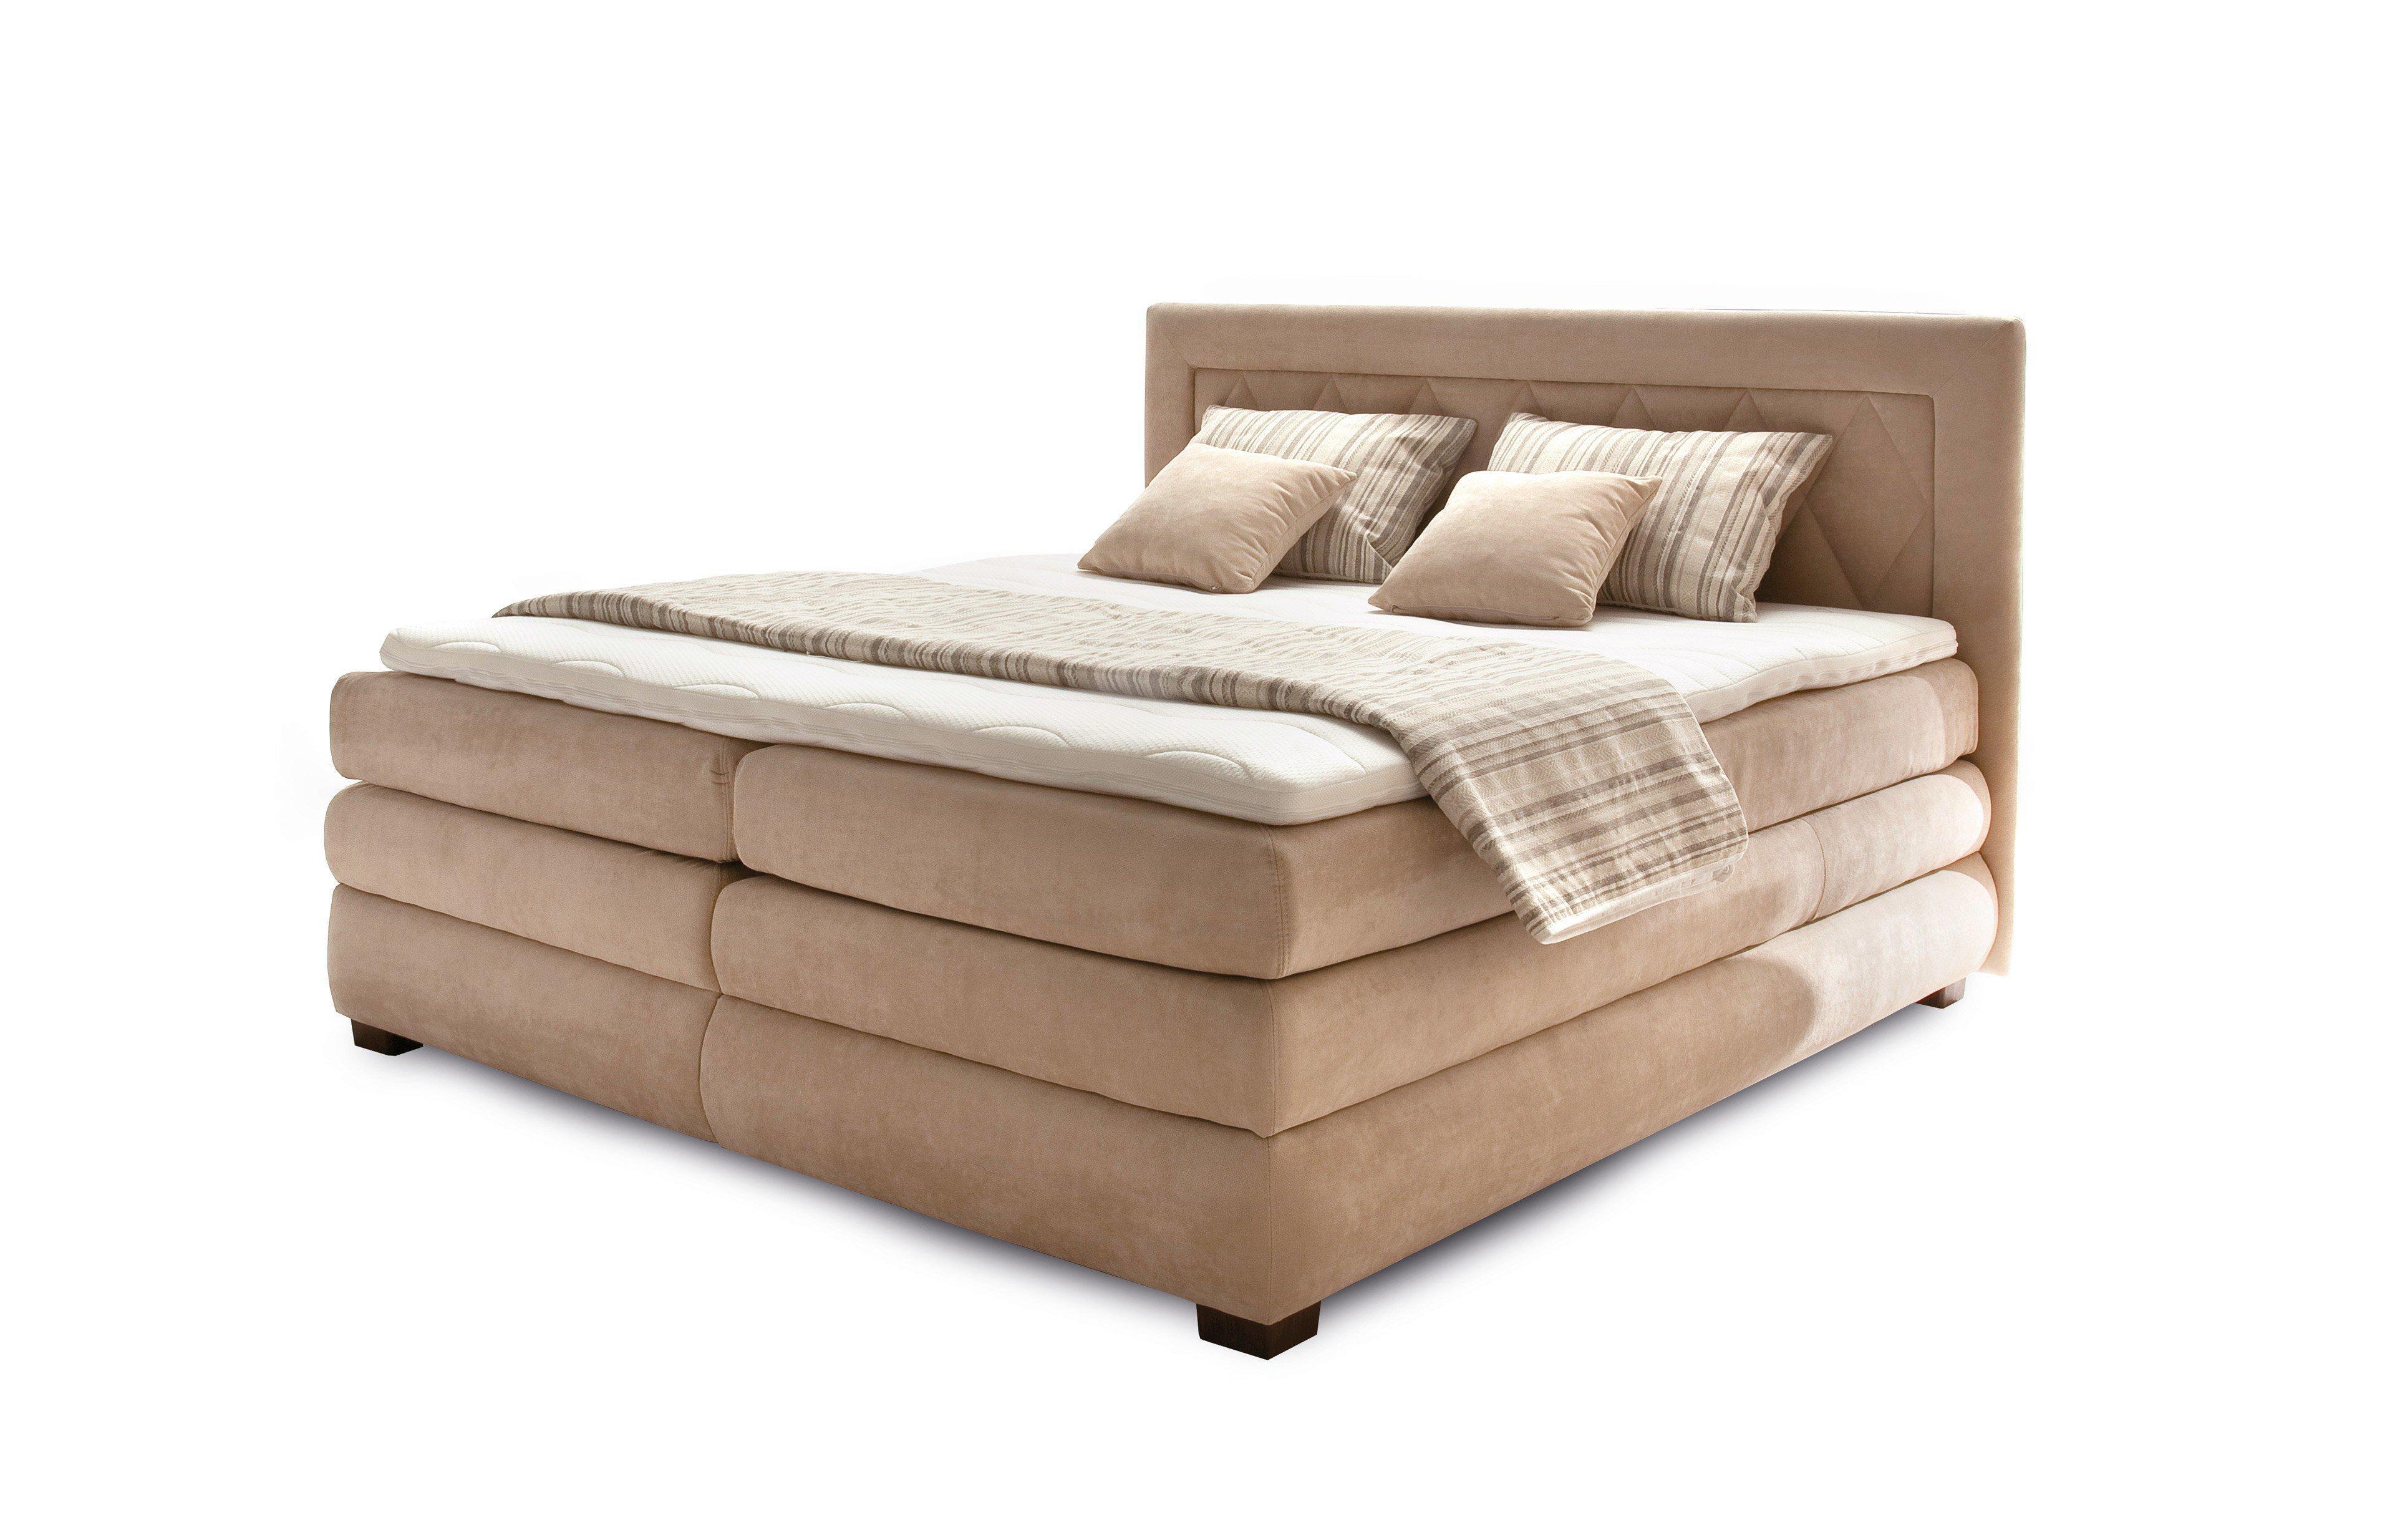 boxspringbett image von oschmann mit bettkasten m bel letz ihr online shop. Black Bedroom Furniture Sets. Home Design Ideas